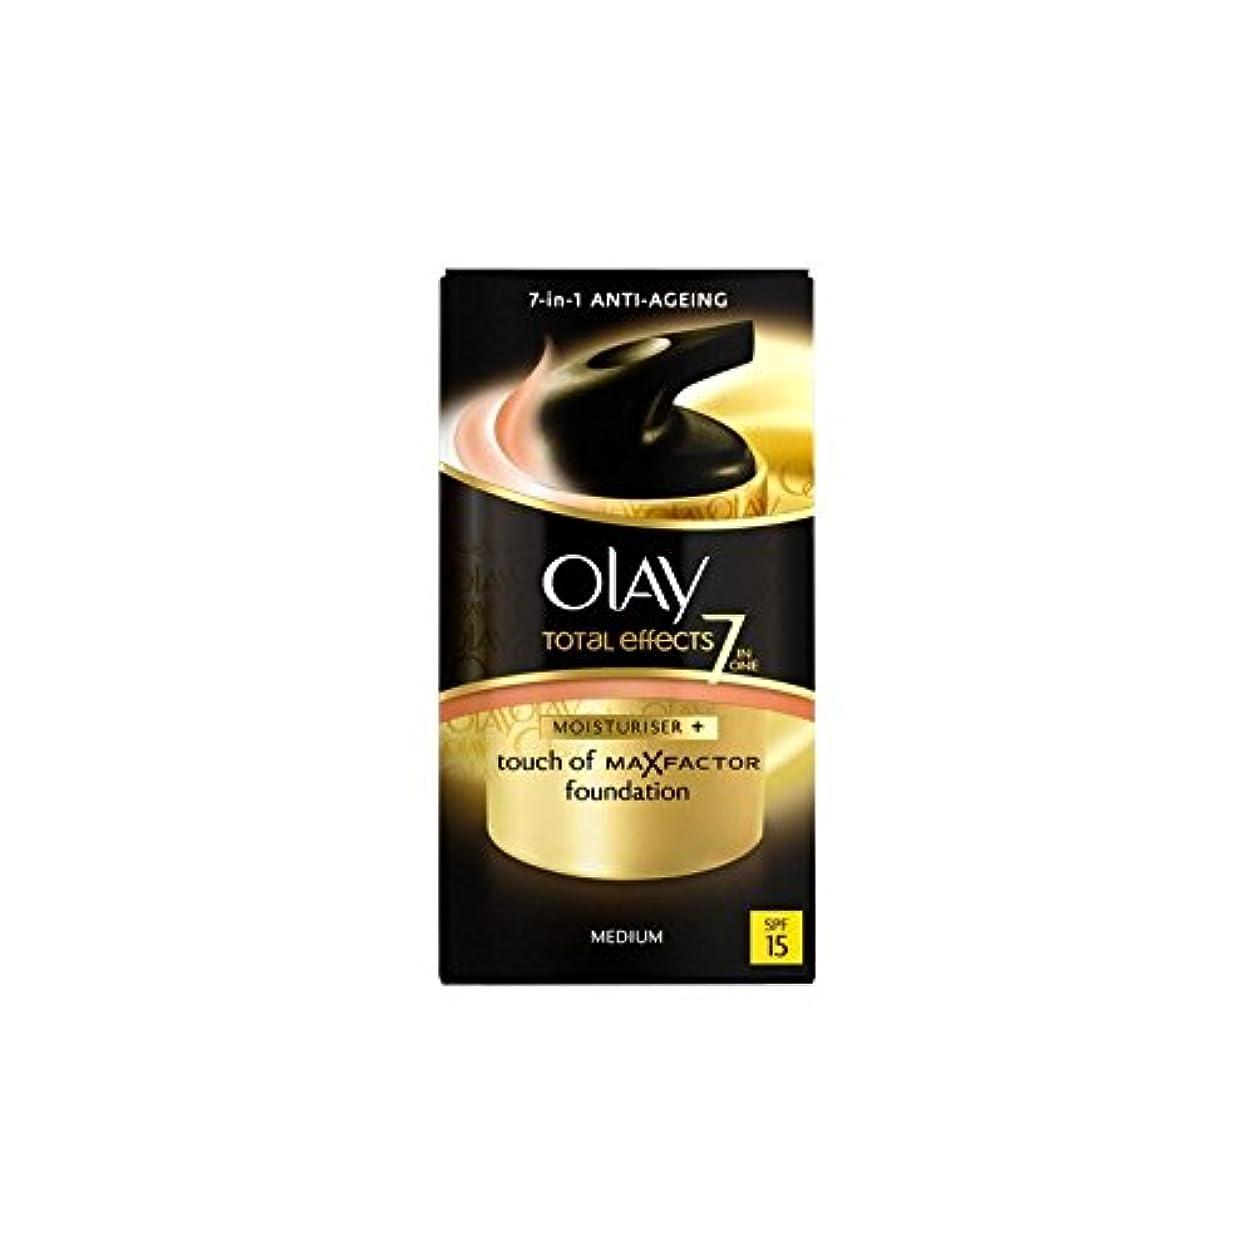 電気ノイズ色オーレイトータルエフェクト保湿クリーム15 - 培地(50ミリリットル) x4 - Olay Total Effects Moisturiser Bb Cream Spf15 - Medium (50ml) (Pack...